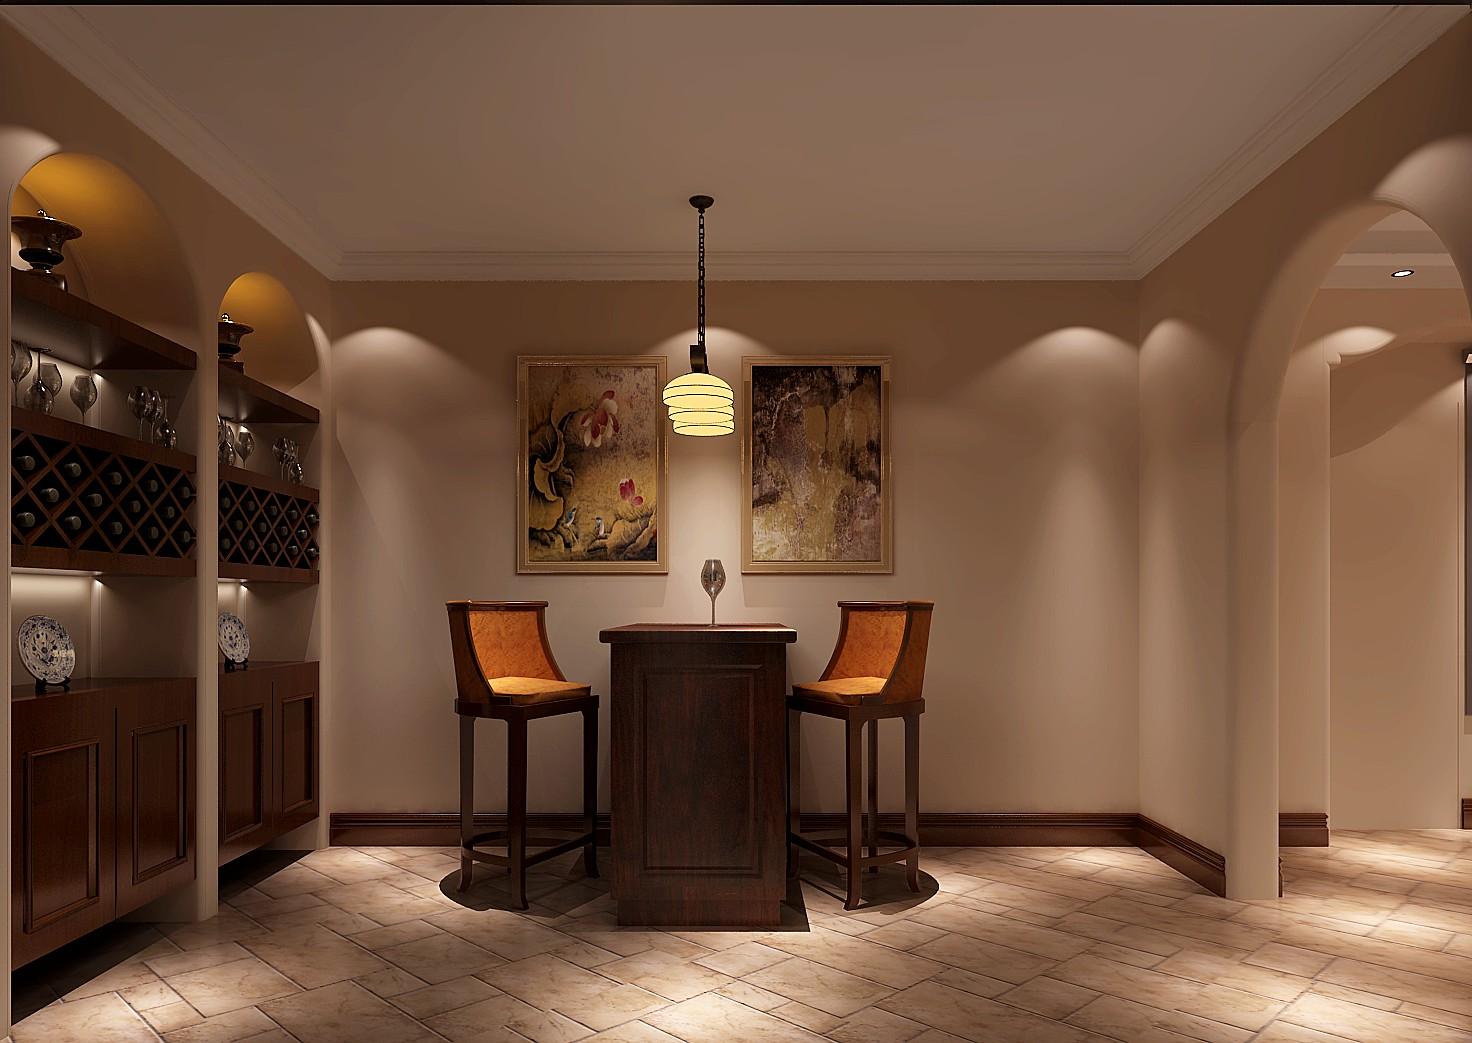 简约 托斯卡纳 高度国际 时尚 白富美 白领 80后 公寓 旭辉御府 书房图片来自北京高度国际装饰设计在旭辉御府托斯卡纳公寓的分享